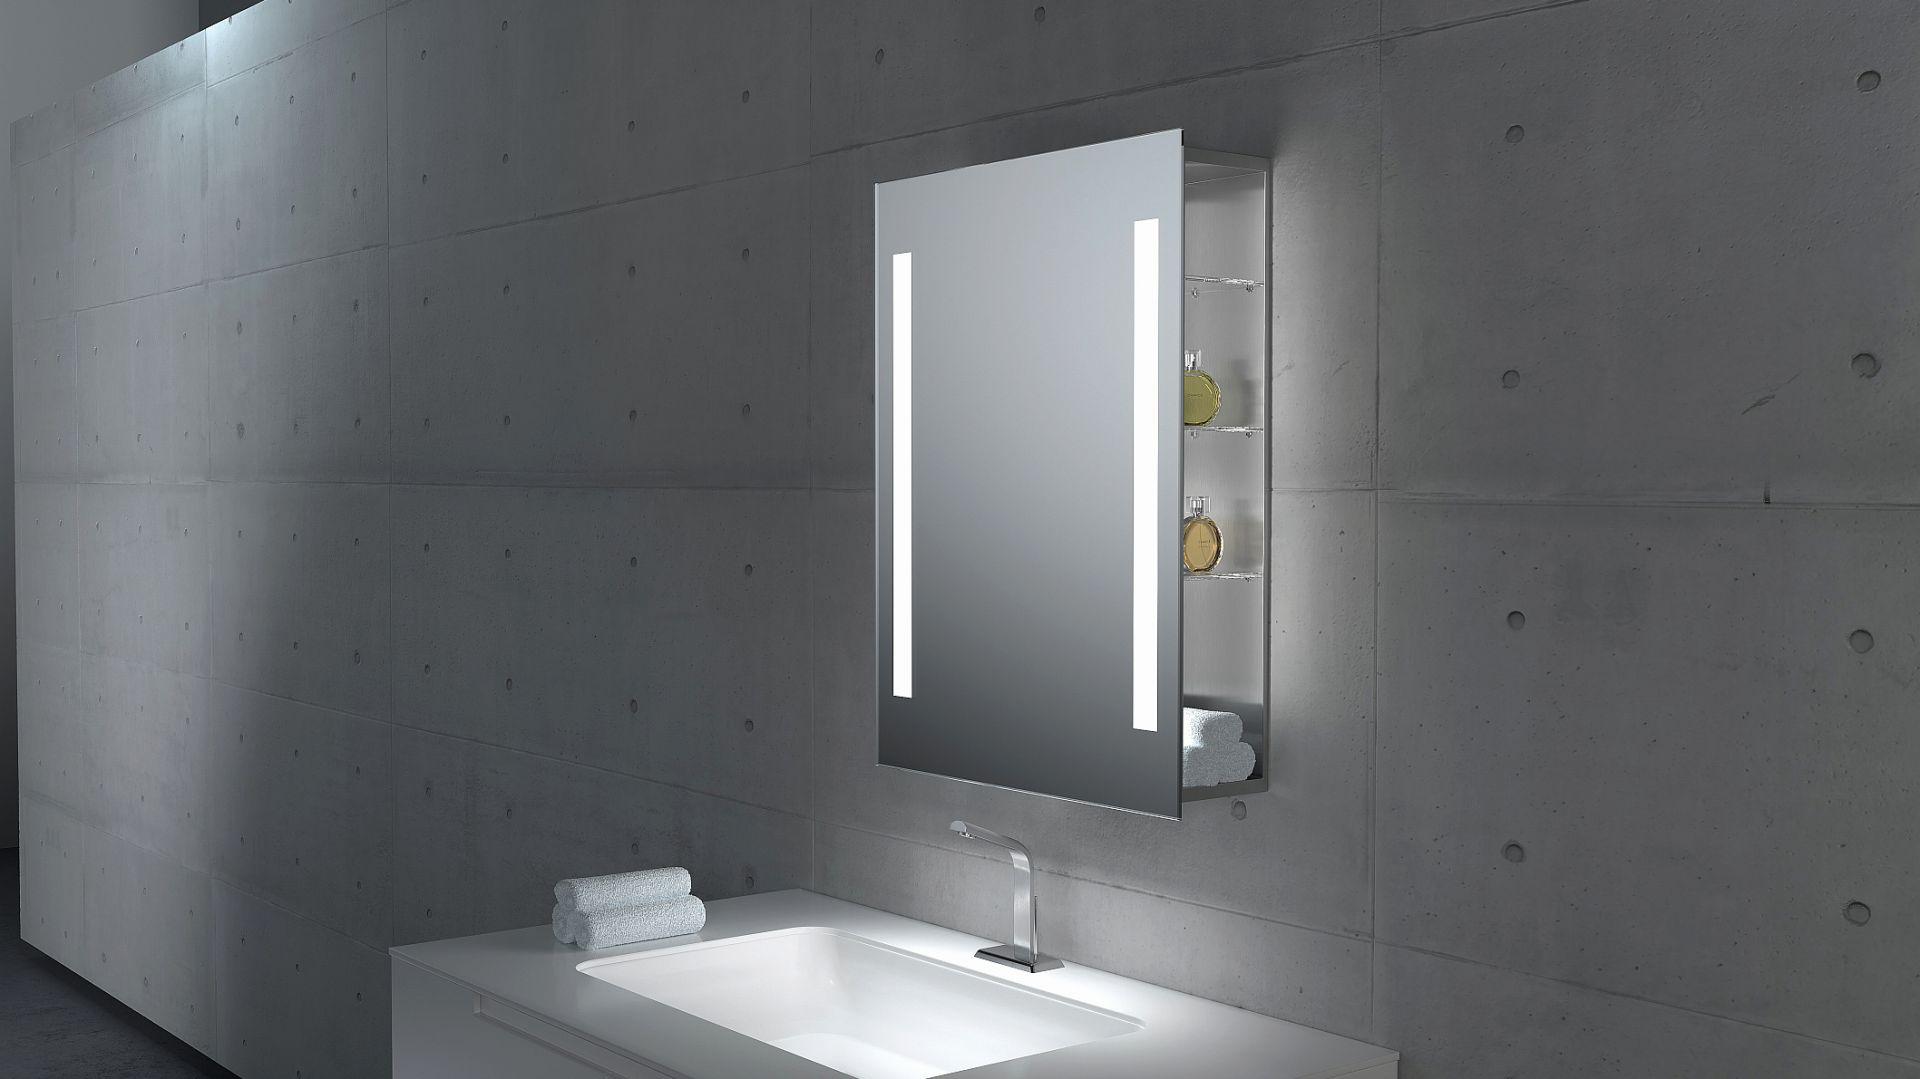 Strefa Umywalki 12 Pomysłów Do Każdej łazienki